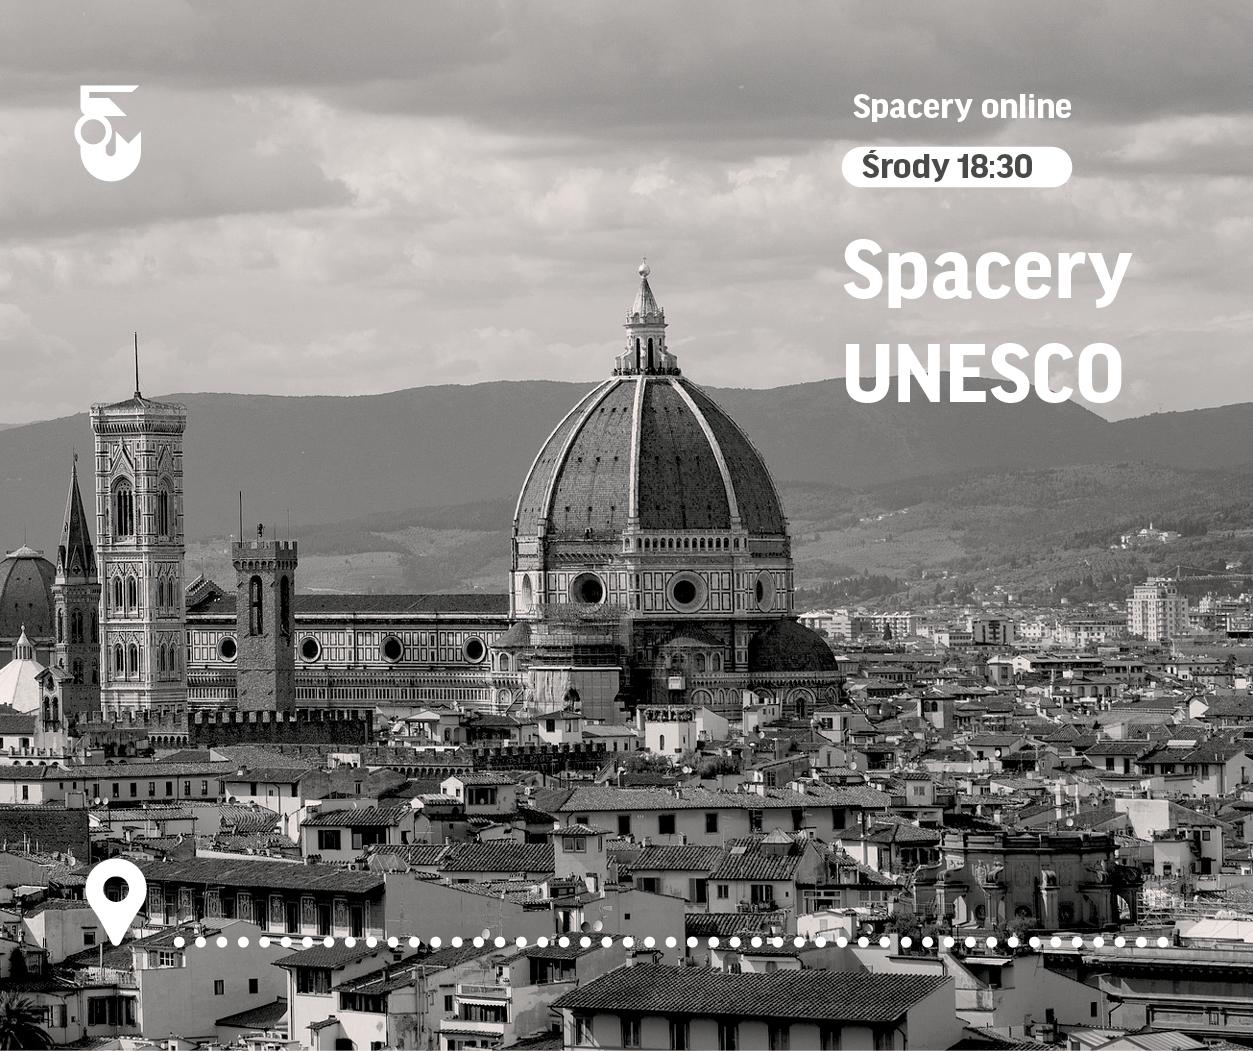 Czarno białe zdjęcie panoramy Florencji. Widok na kopułę. Napis Spacery UNESCO środa 18:30